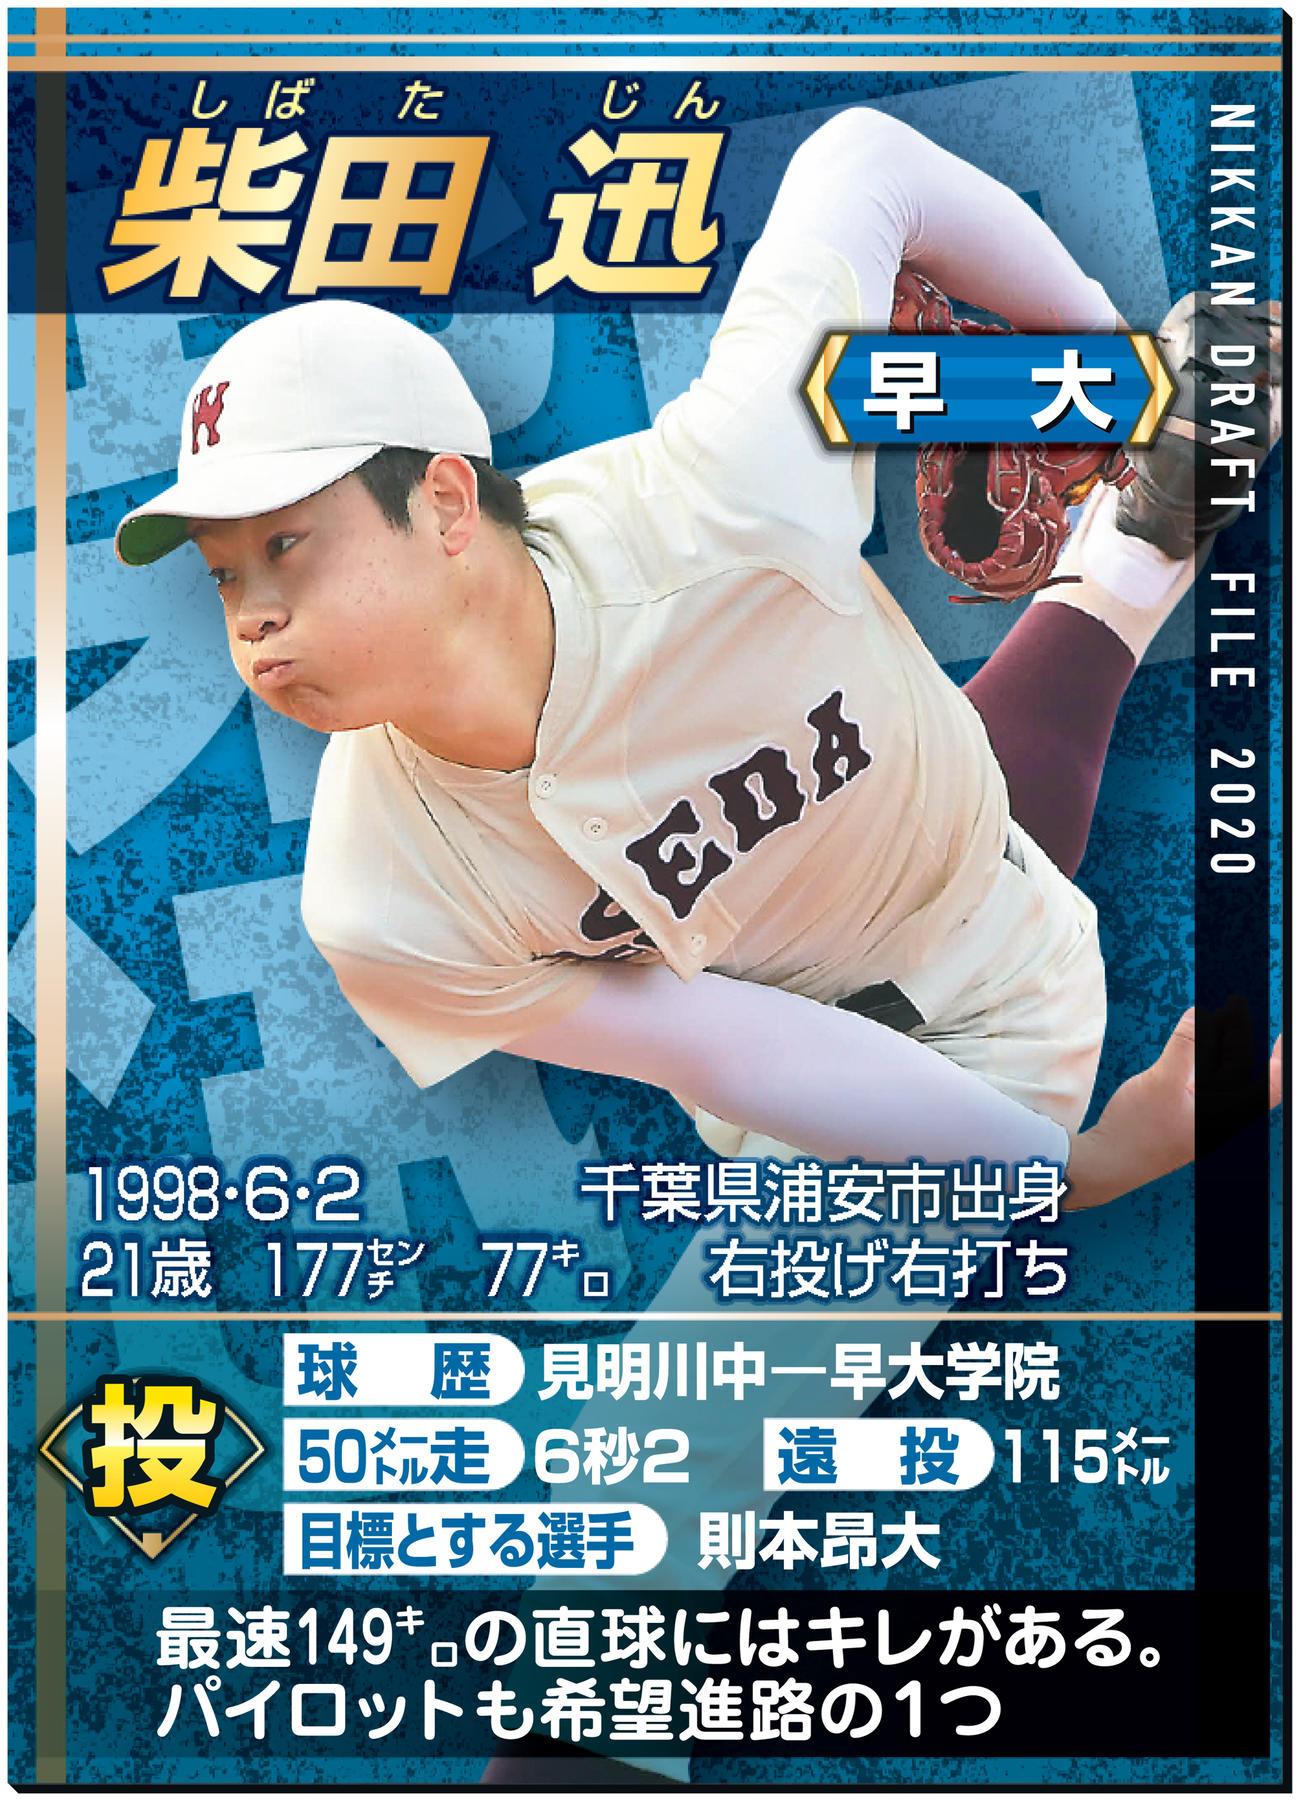 ドラフトファイル:柴田迅